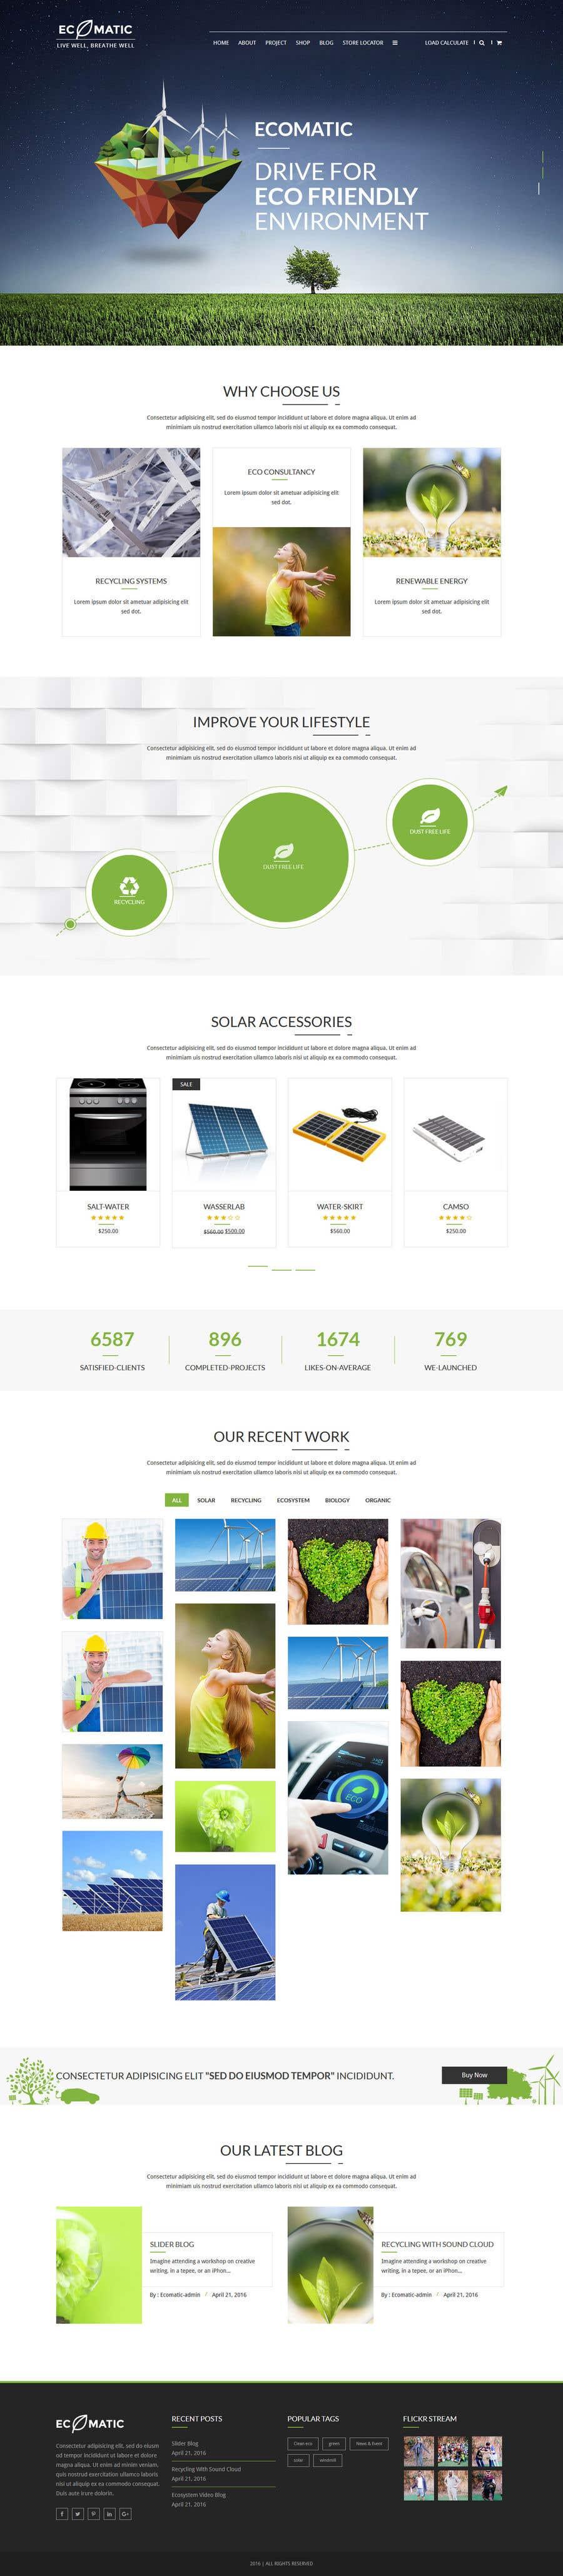 Penyertaan Peraduan #59 untuk wordpress theme design for battery and lighting subject